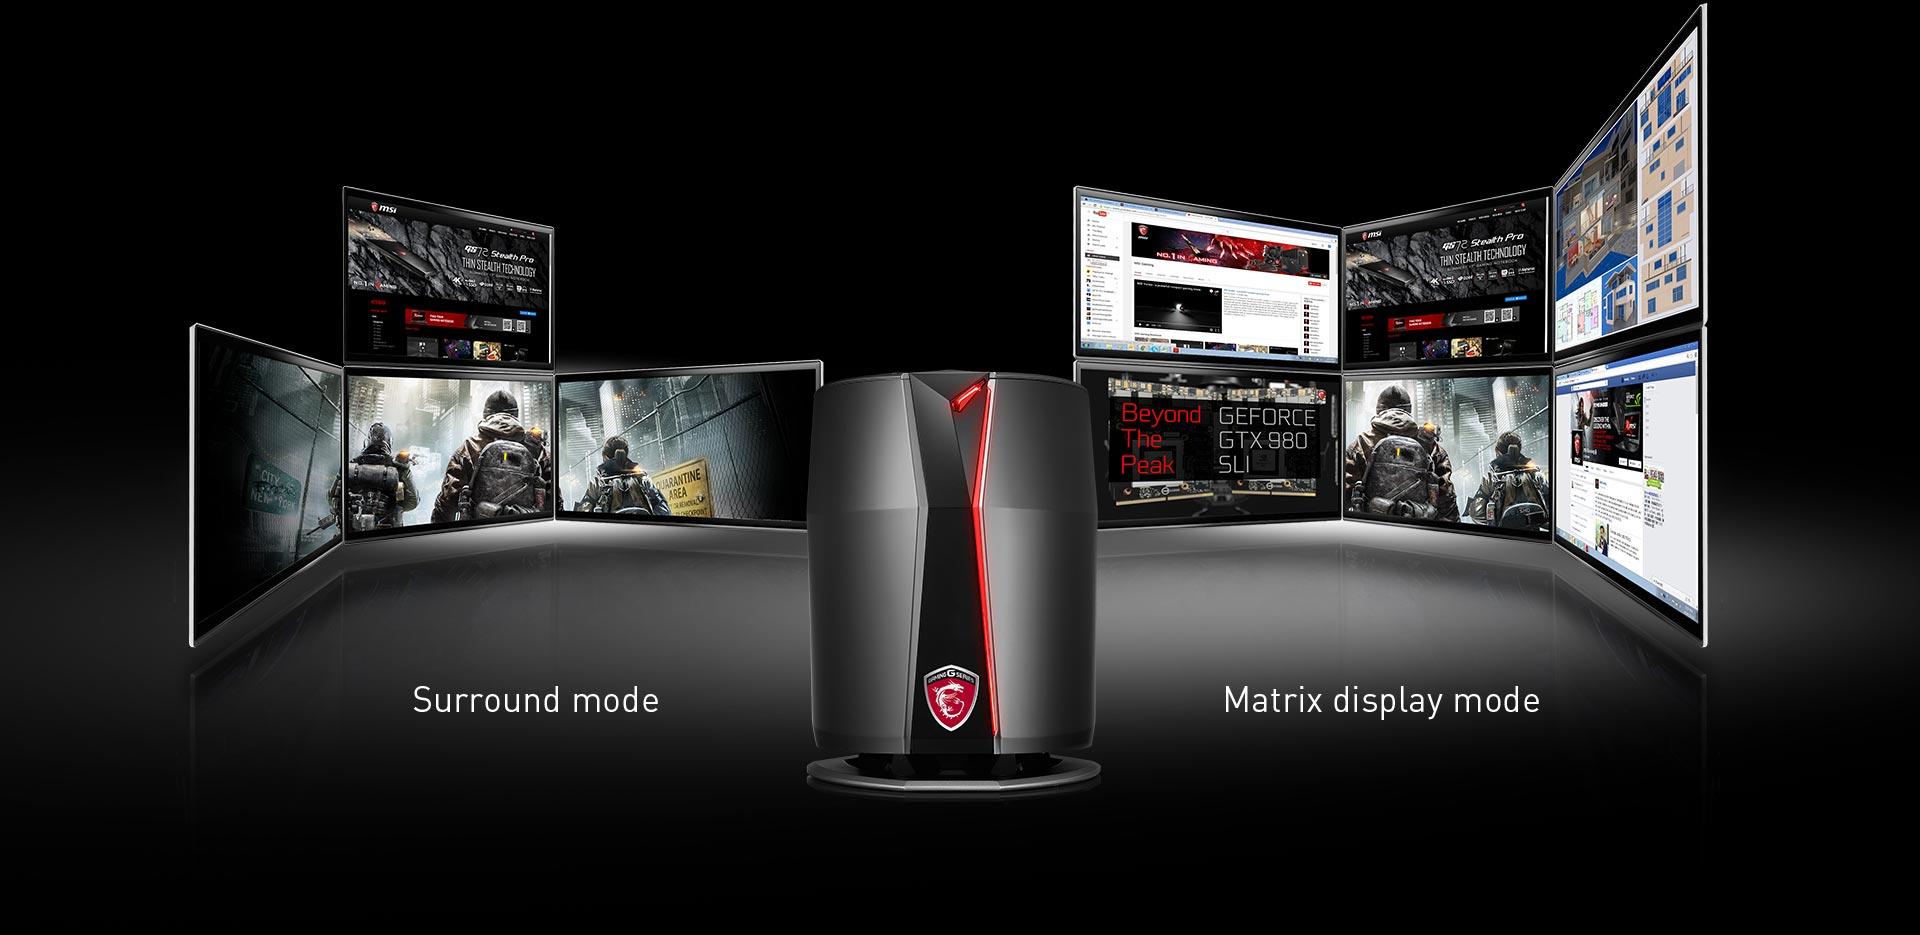 کامپیوتر دسکتاپ مخصوص بازی ام اس آی مدل Vortex G65VR 6RE